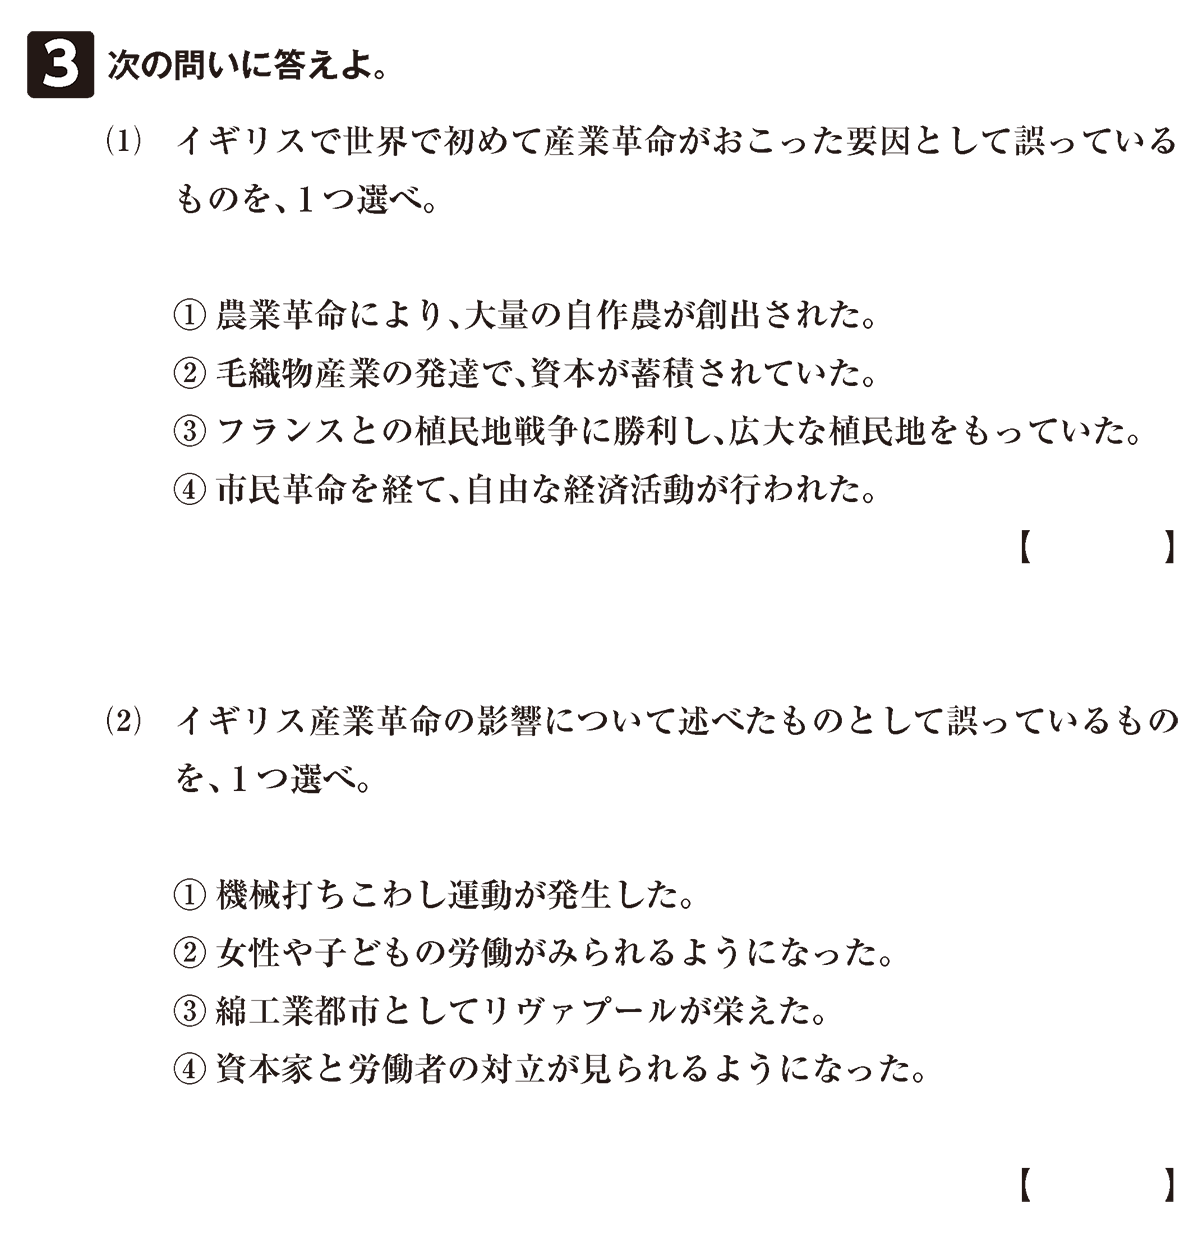 高校世界史 イギリスの市民革命7 確認テスト(後半)問3